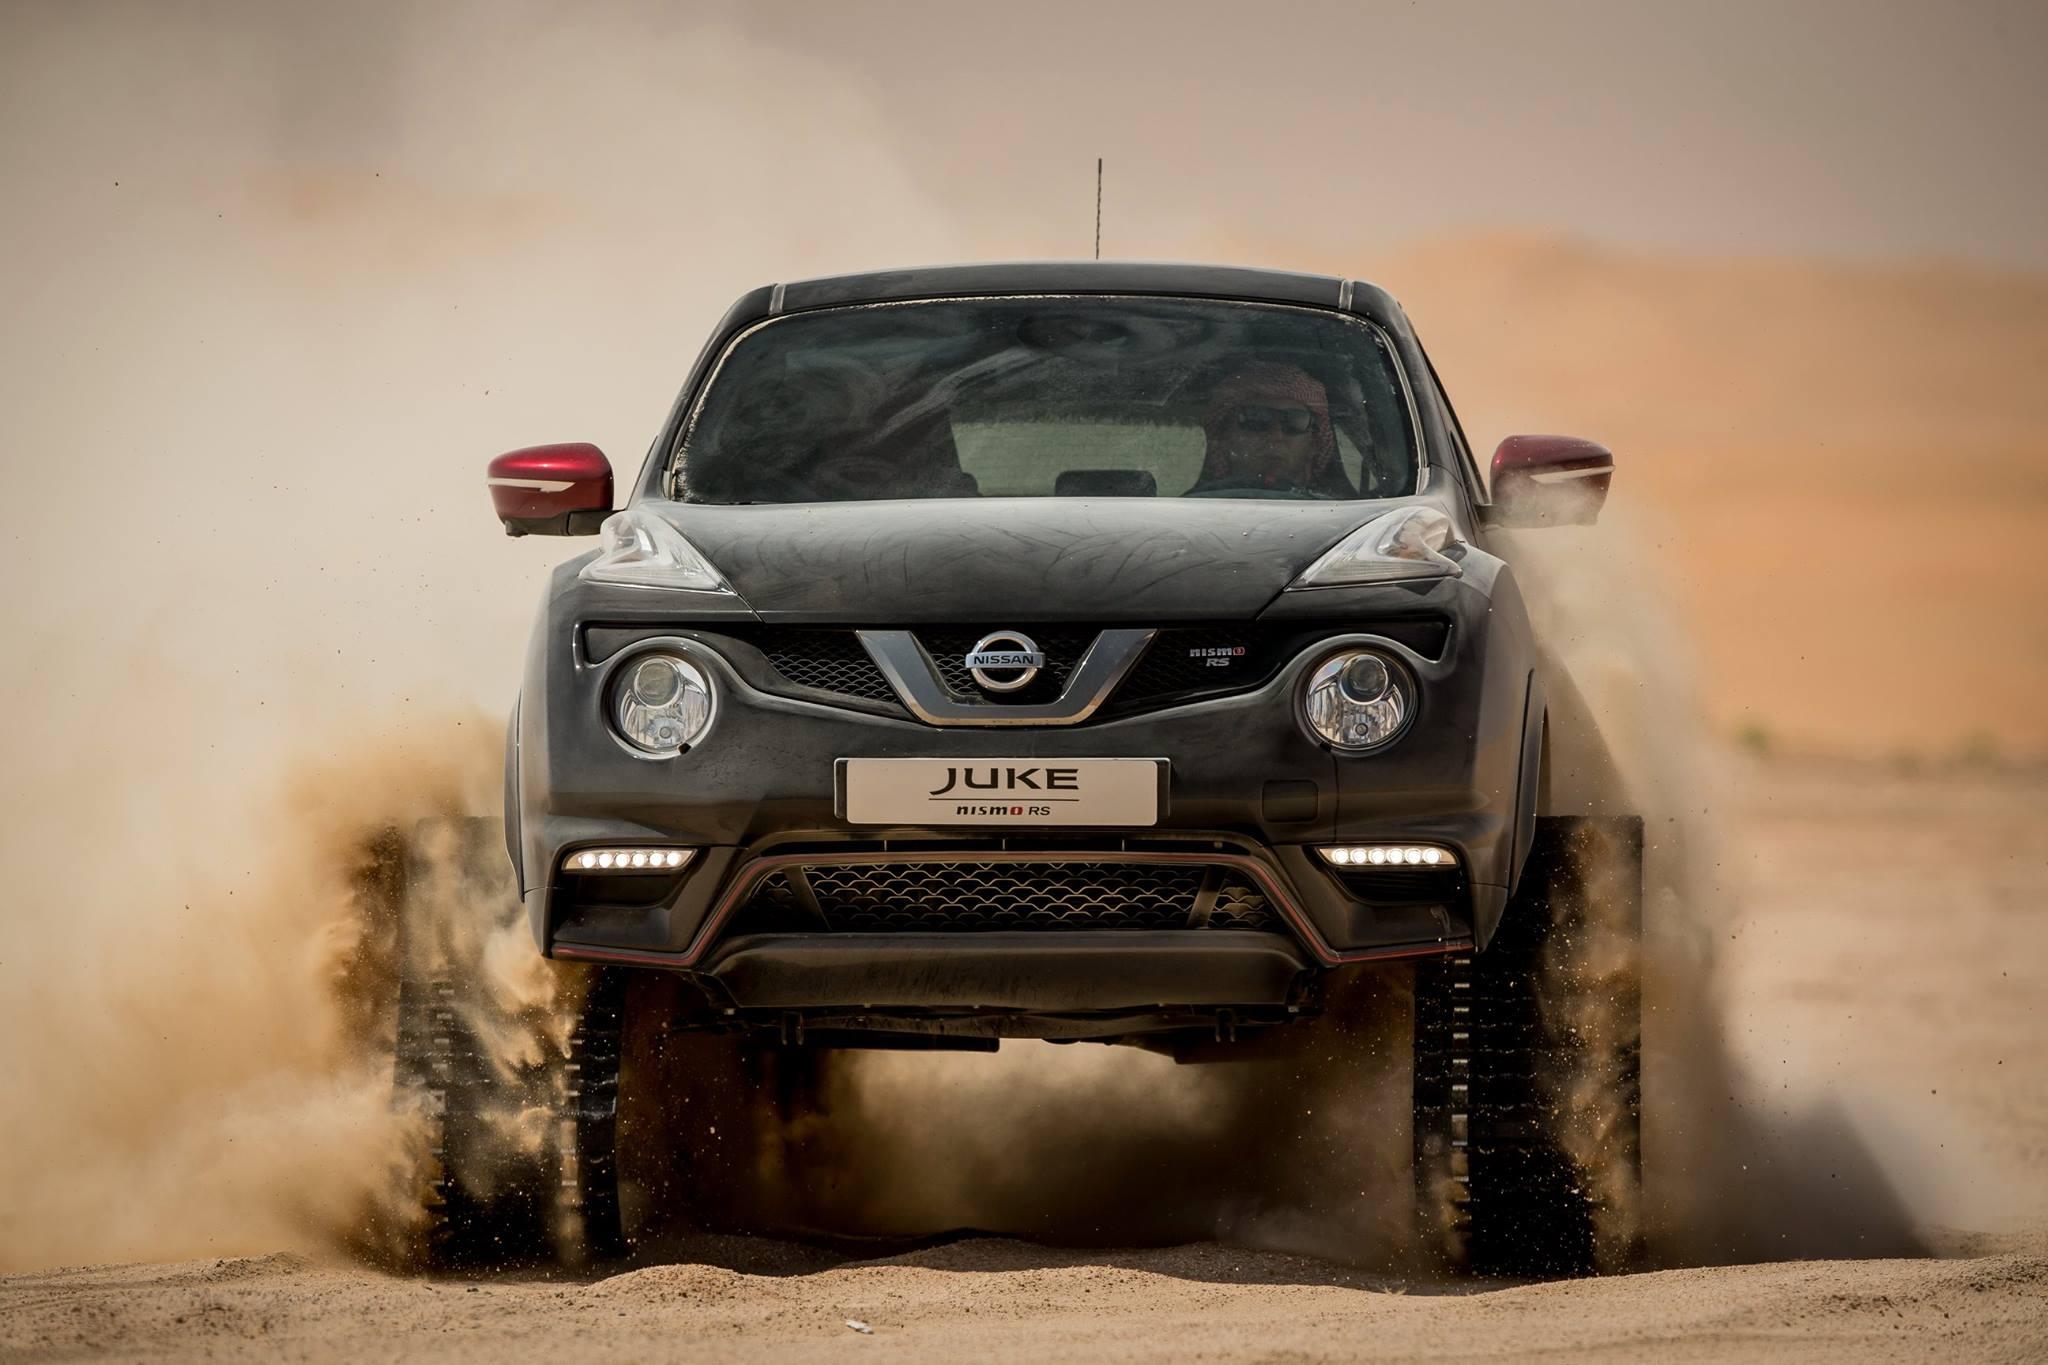 Nissan Juke Nismo Rs With Tracks Takes On Abu Dhabi Desert